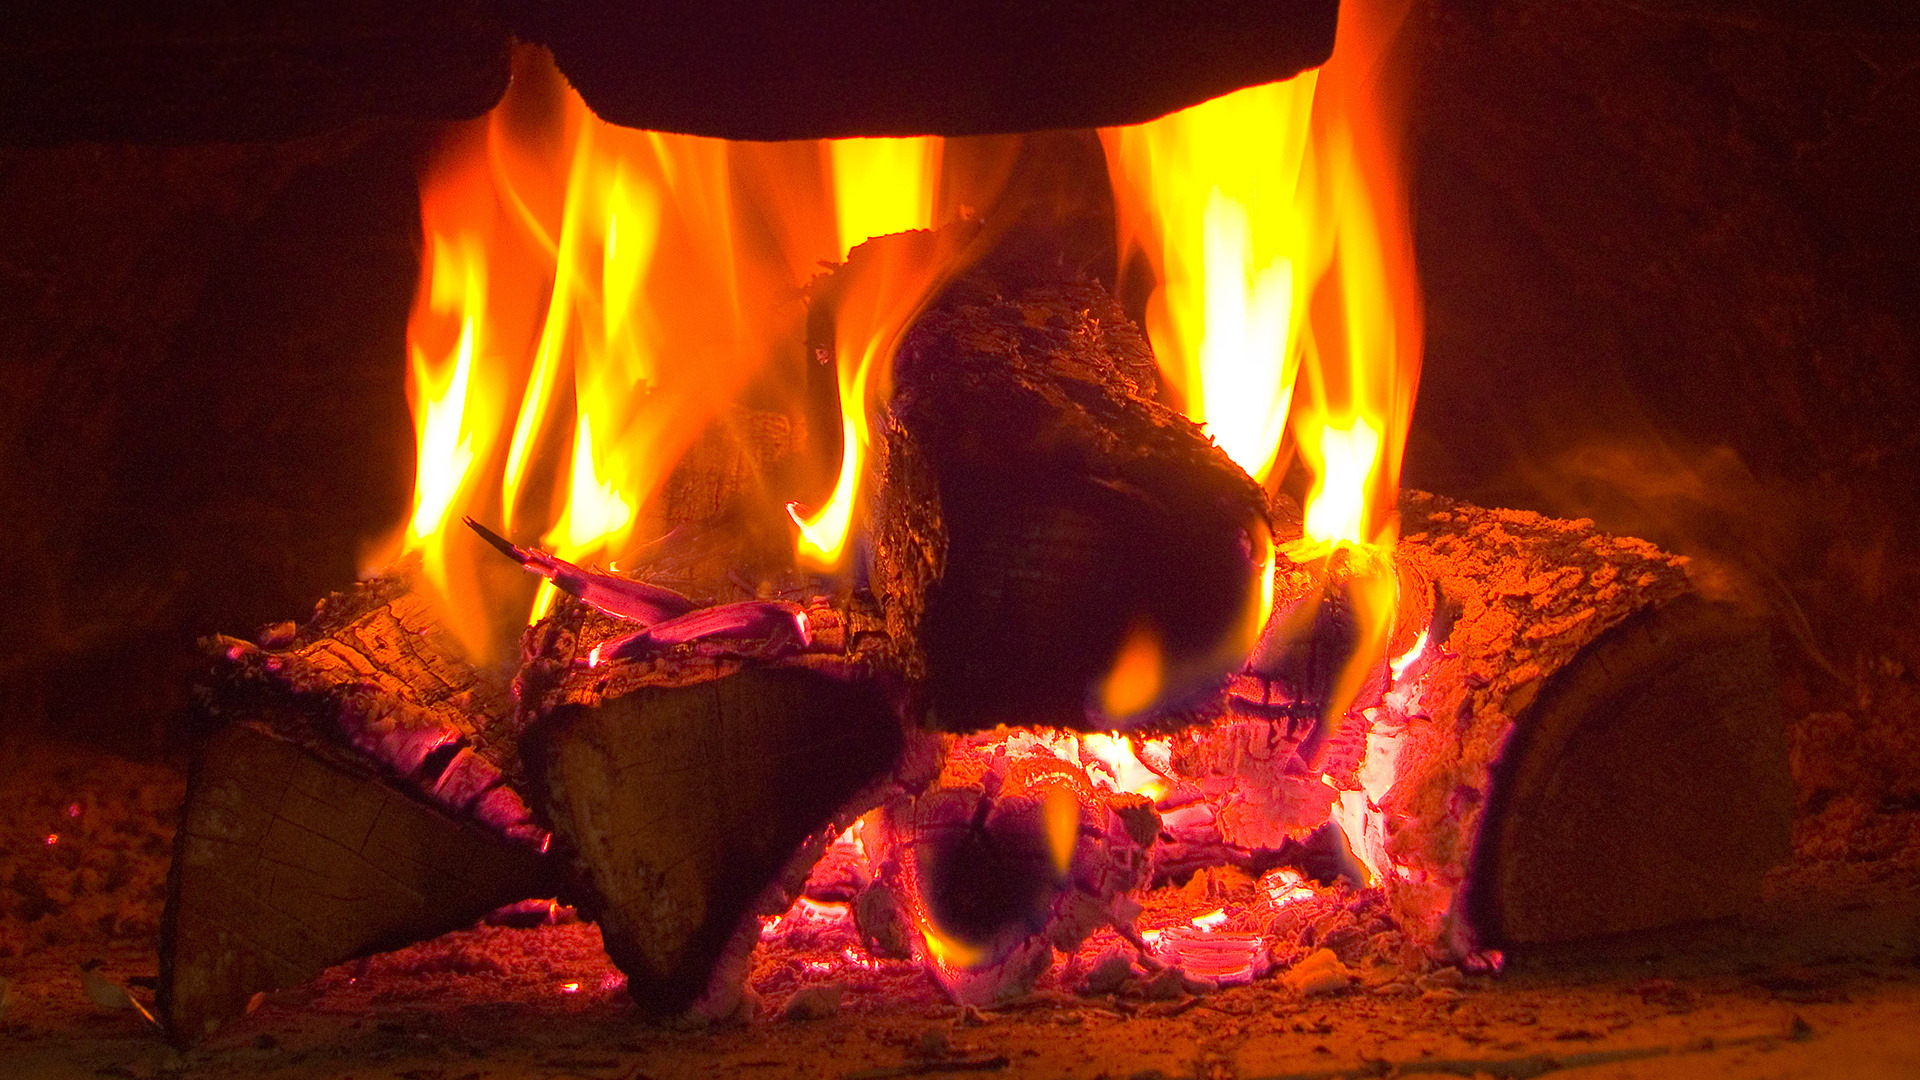 Скачать звук огня бесплатно